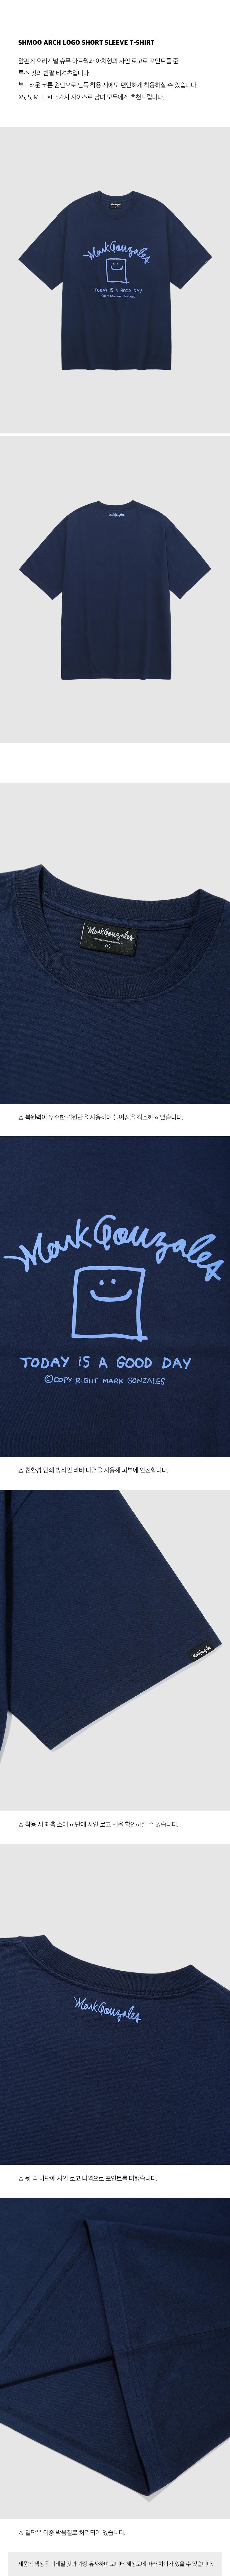 마크 곤잘레스(MARK GONZALES) 슈무 아치로고 반팔 티셔츠 네이비